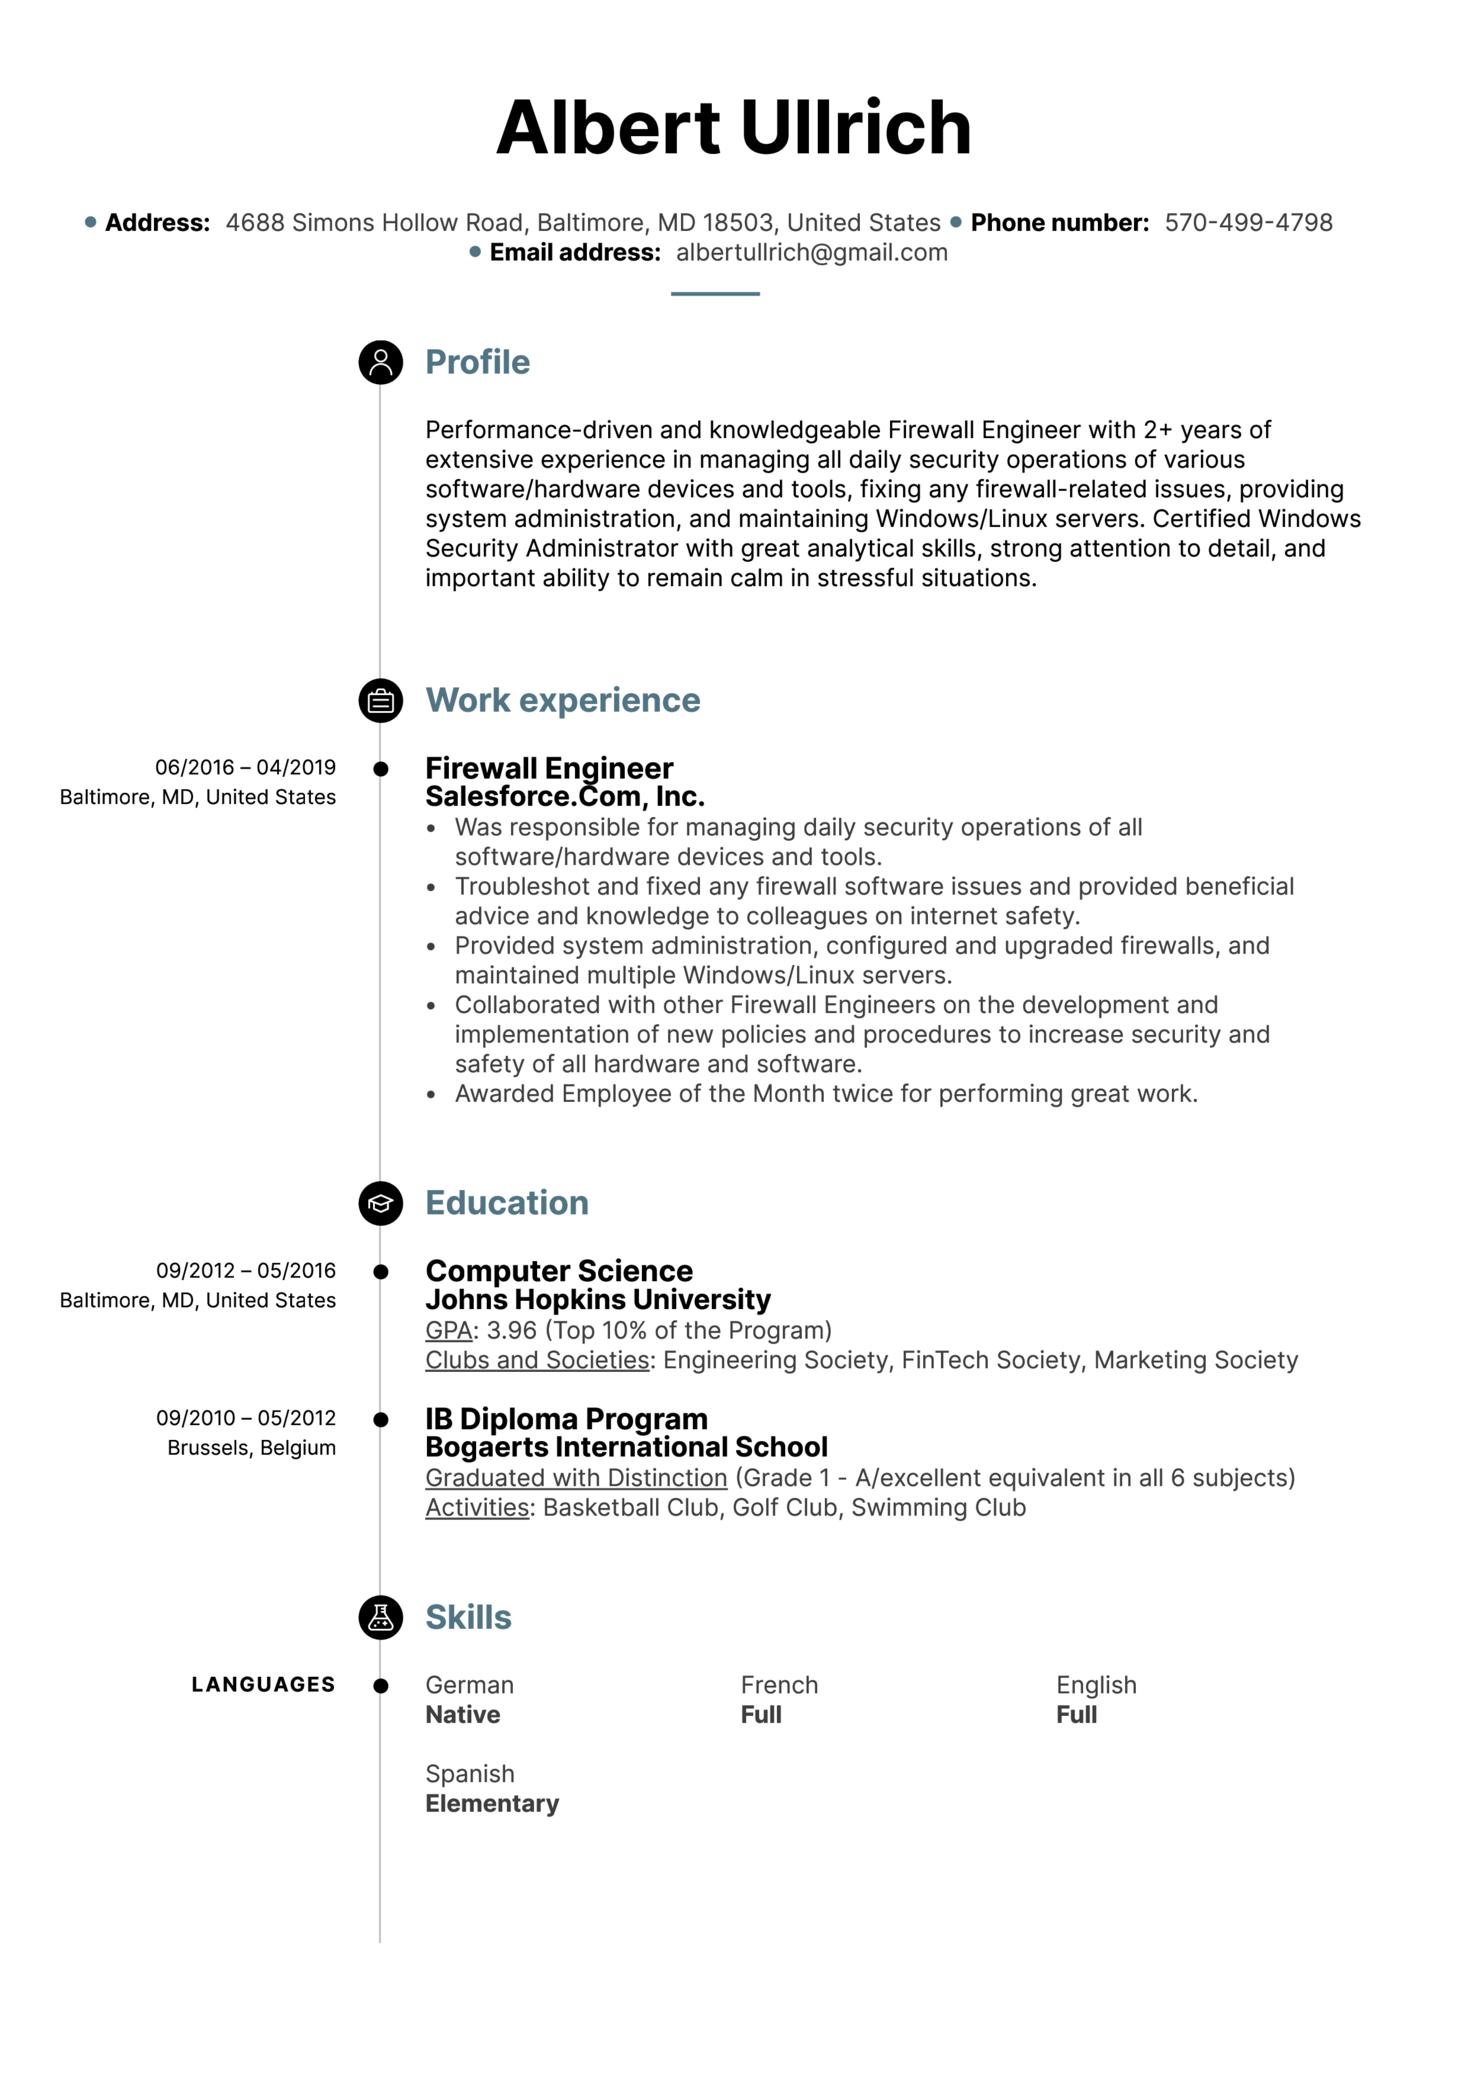 Firewall Engineer Resume Sample (parte 1)